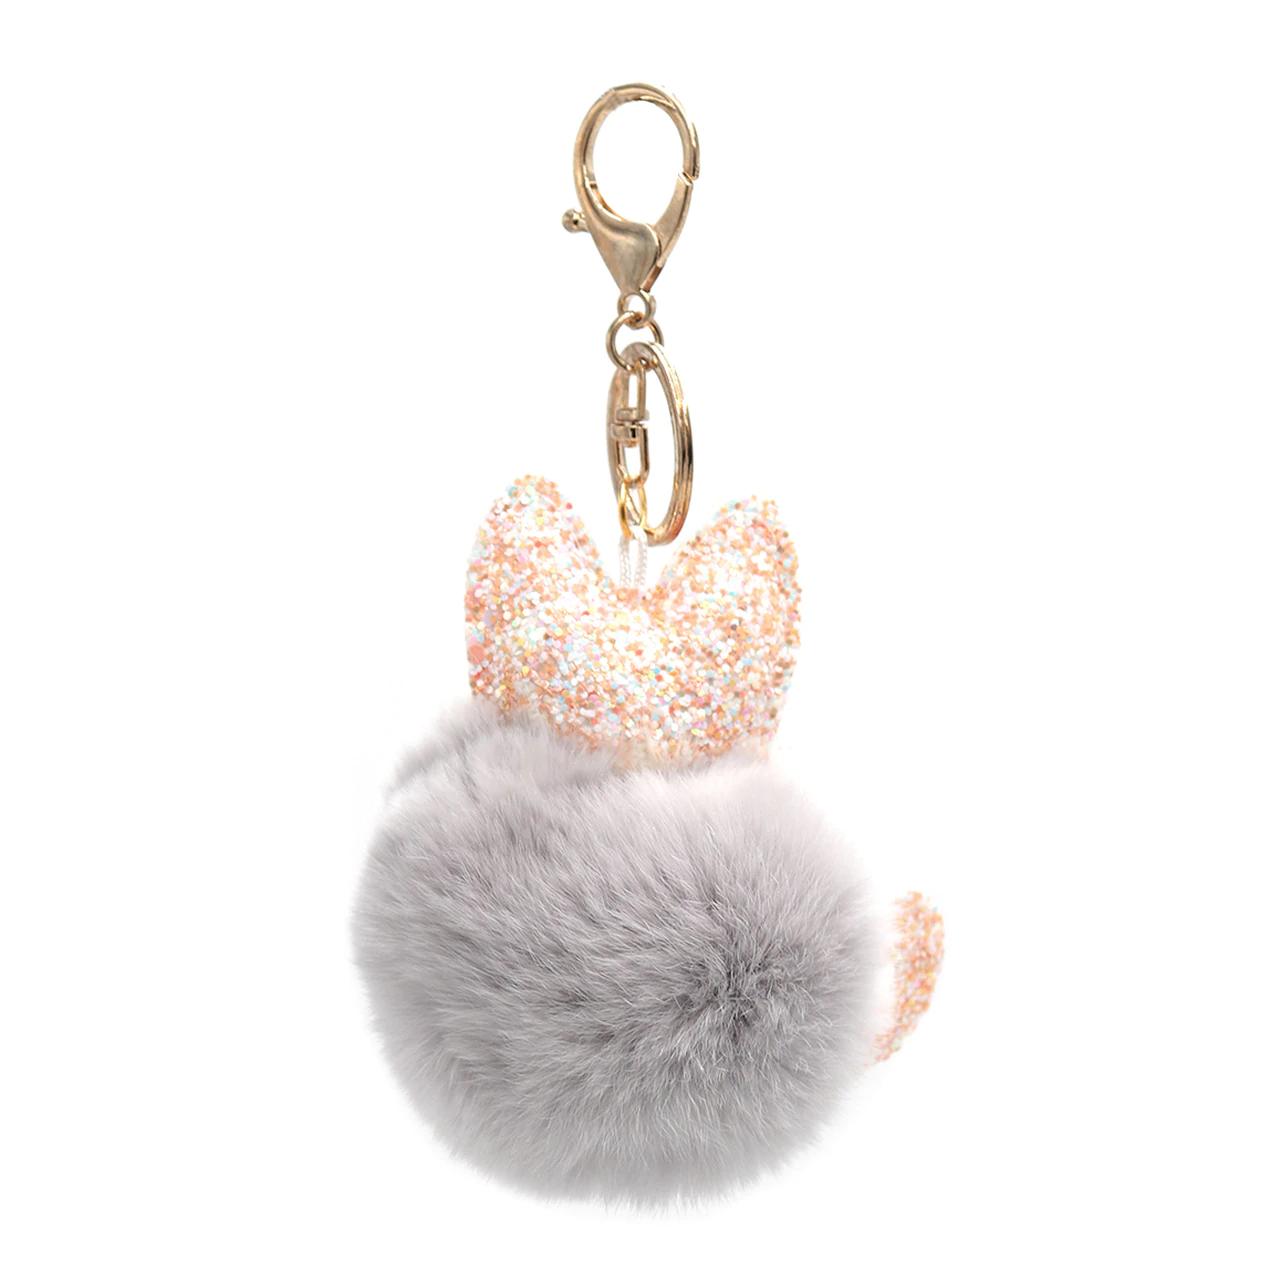 Rex Rabbit Fur Cat Keychain